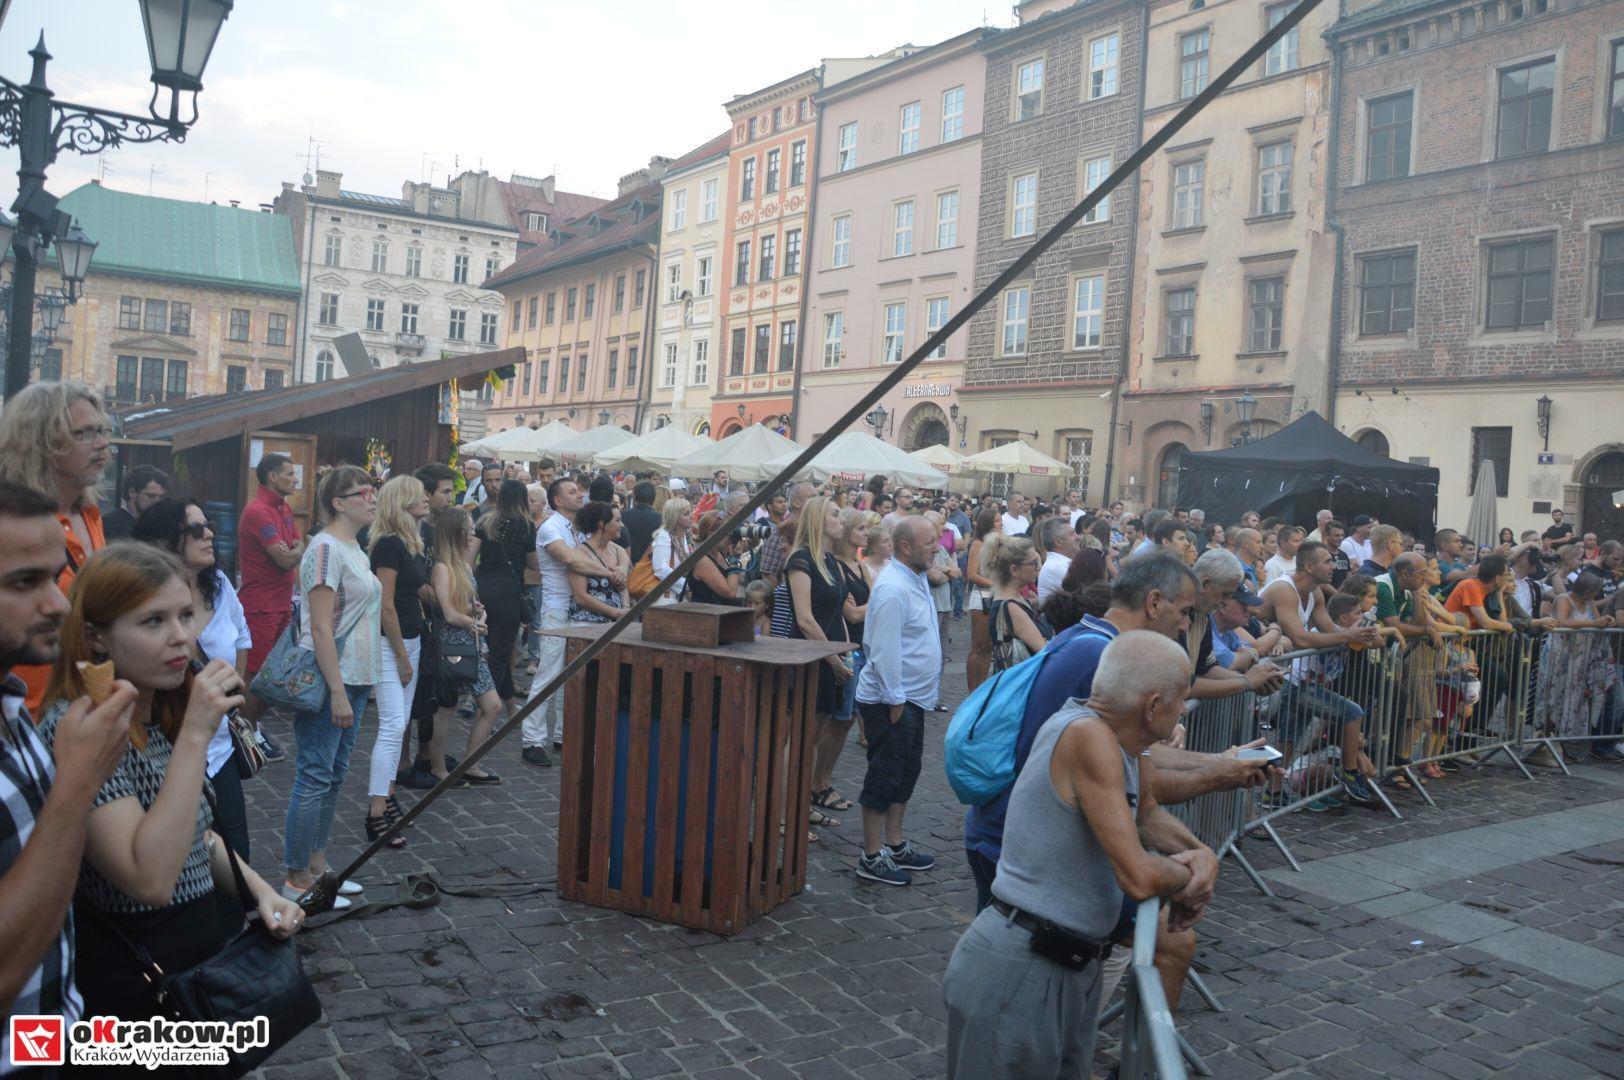 krakow festiwal pierogow maly rynek koncert cheap tobacco 174 150x150 - Galeria zdjęć Festiwal Pierogów Kraków 2018 + zdjęcia z koncertu Cheap Tobacco